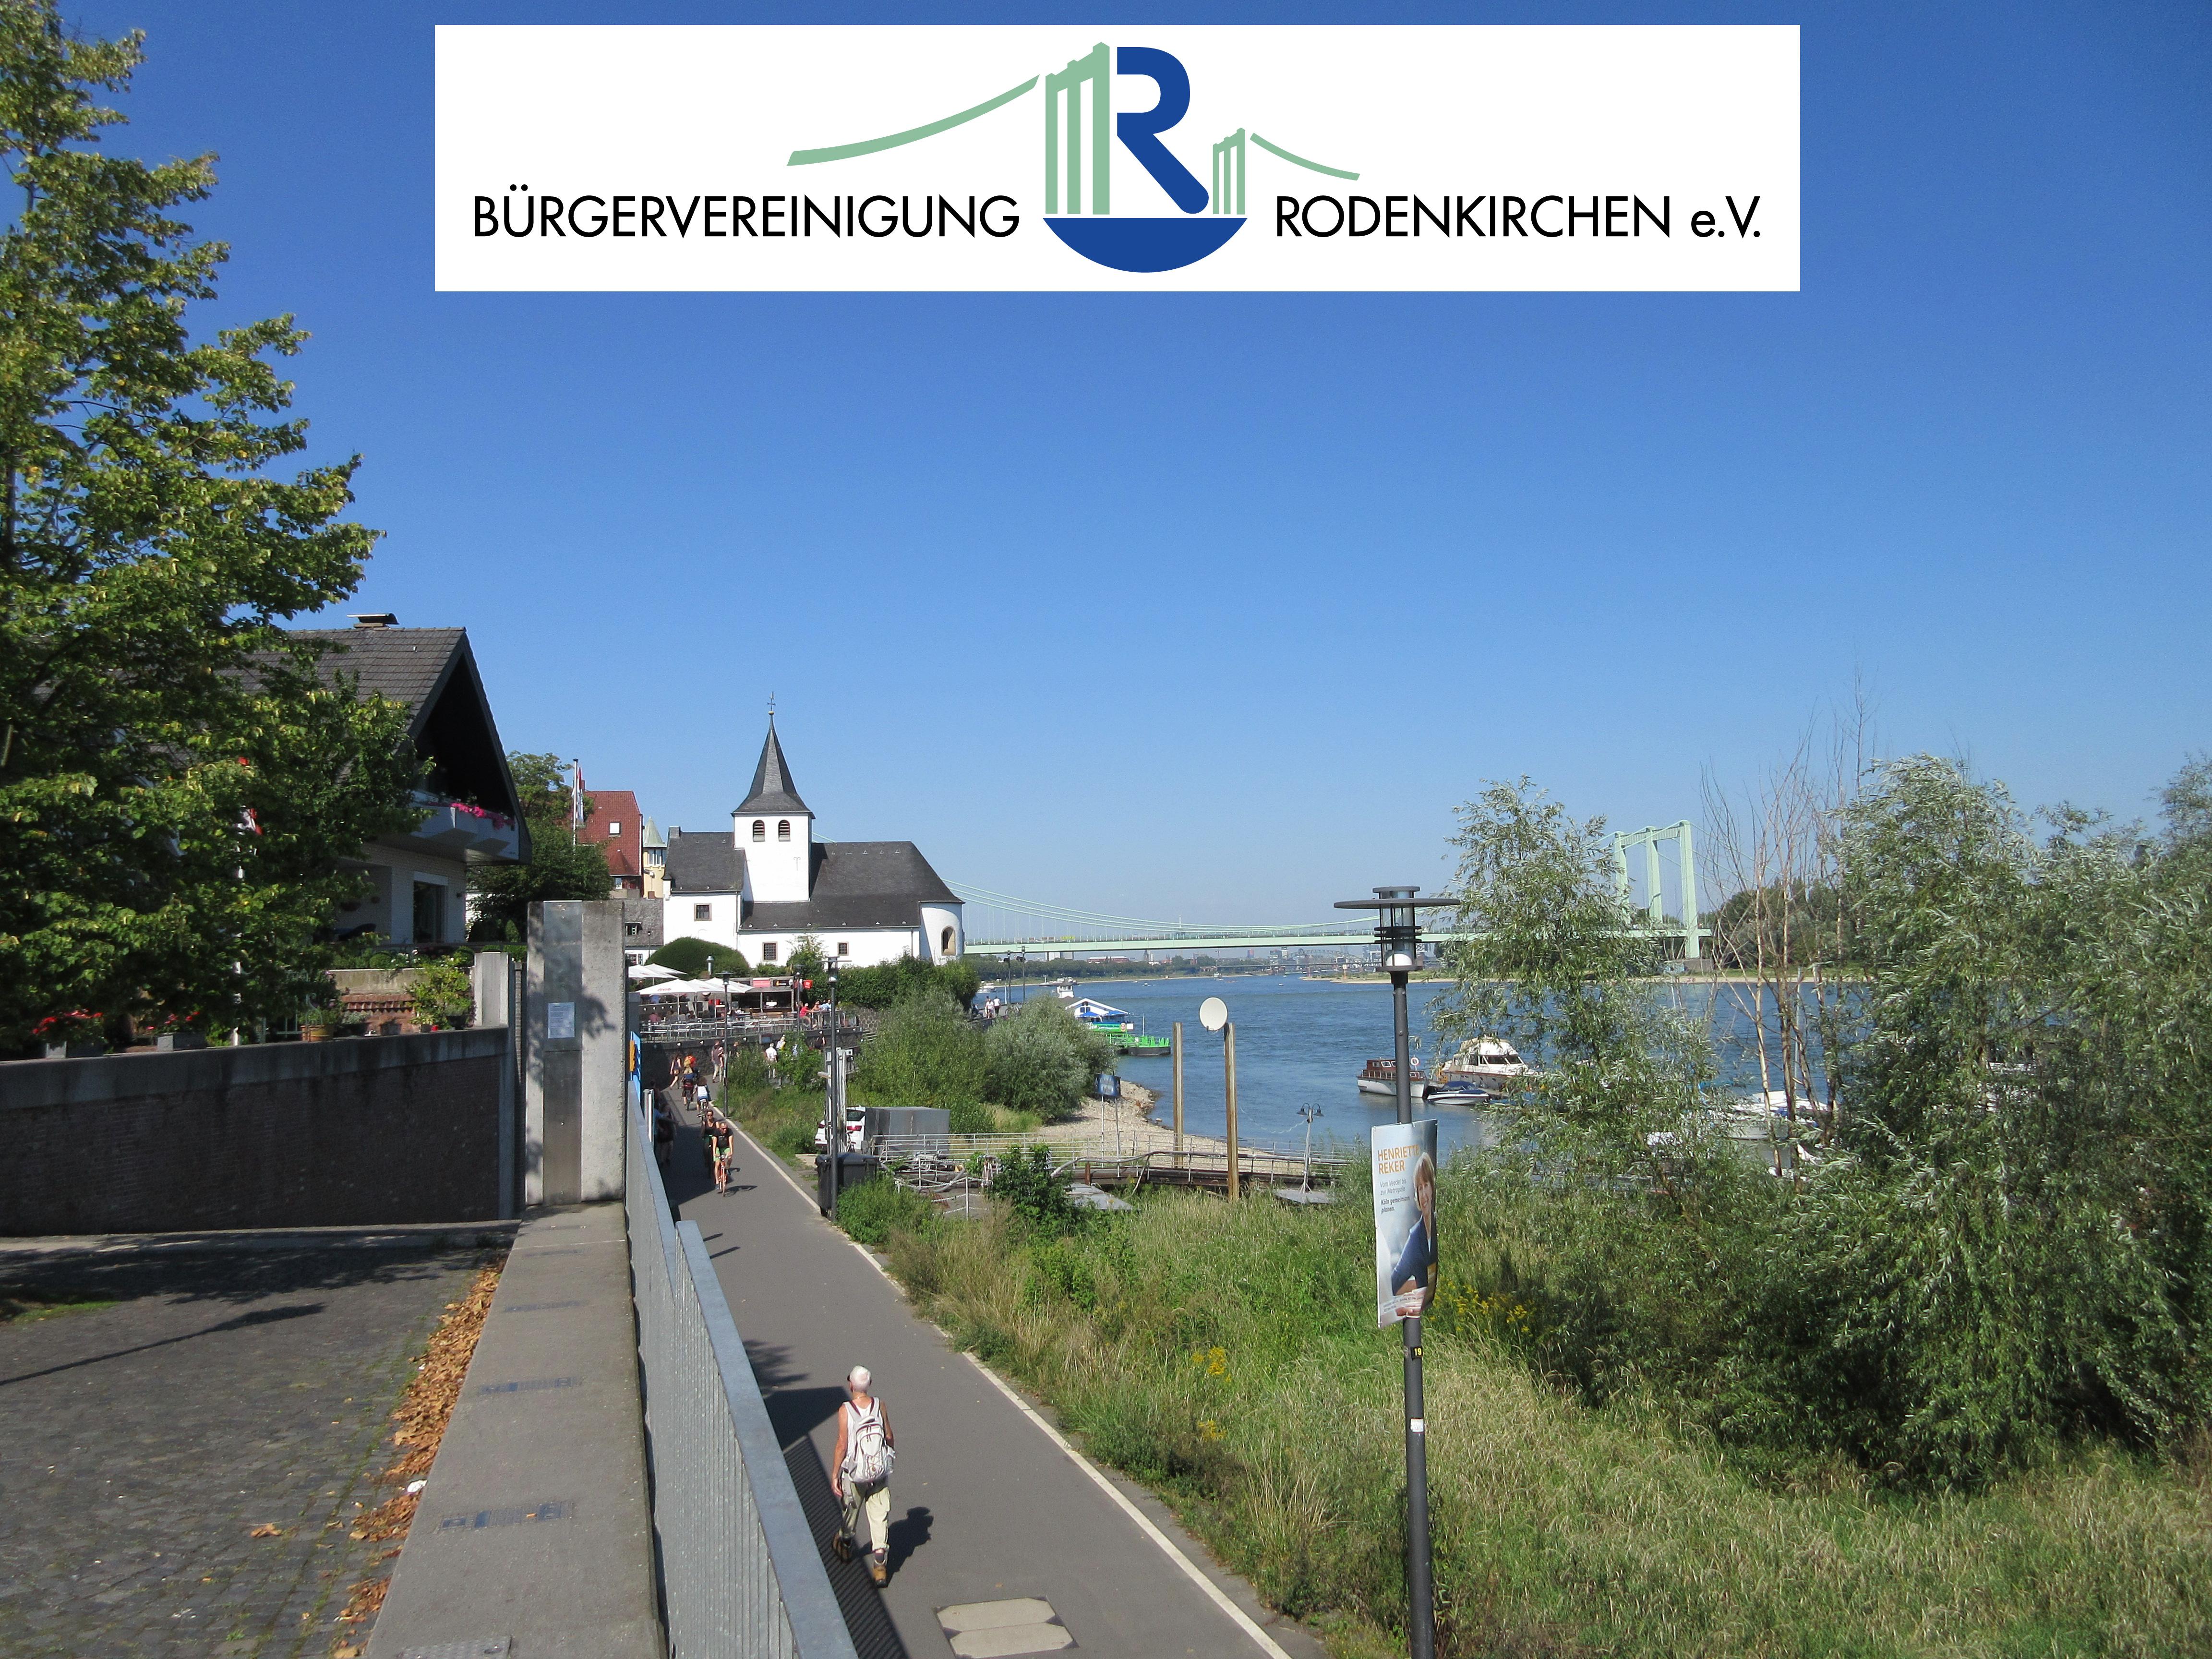 Positionspapier 2016: Willkommen bei der Bürgervereinigung Rodenkirchen